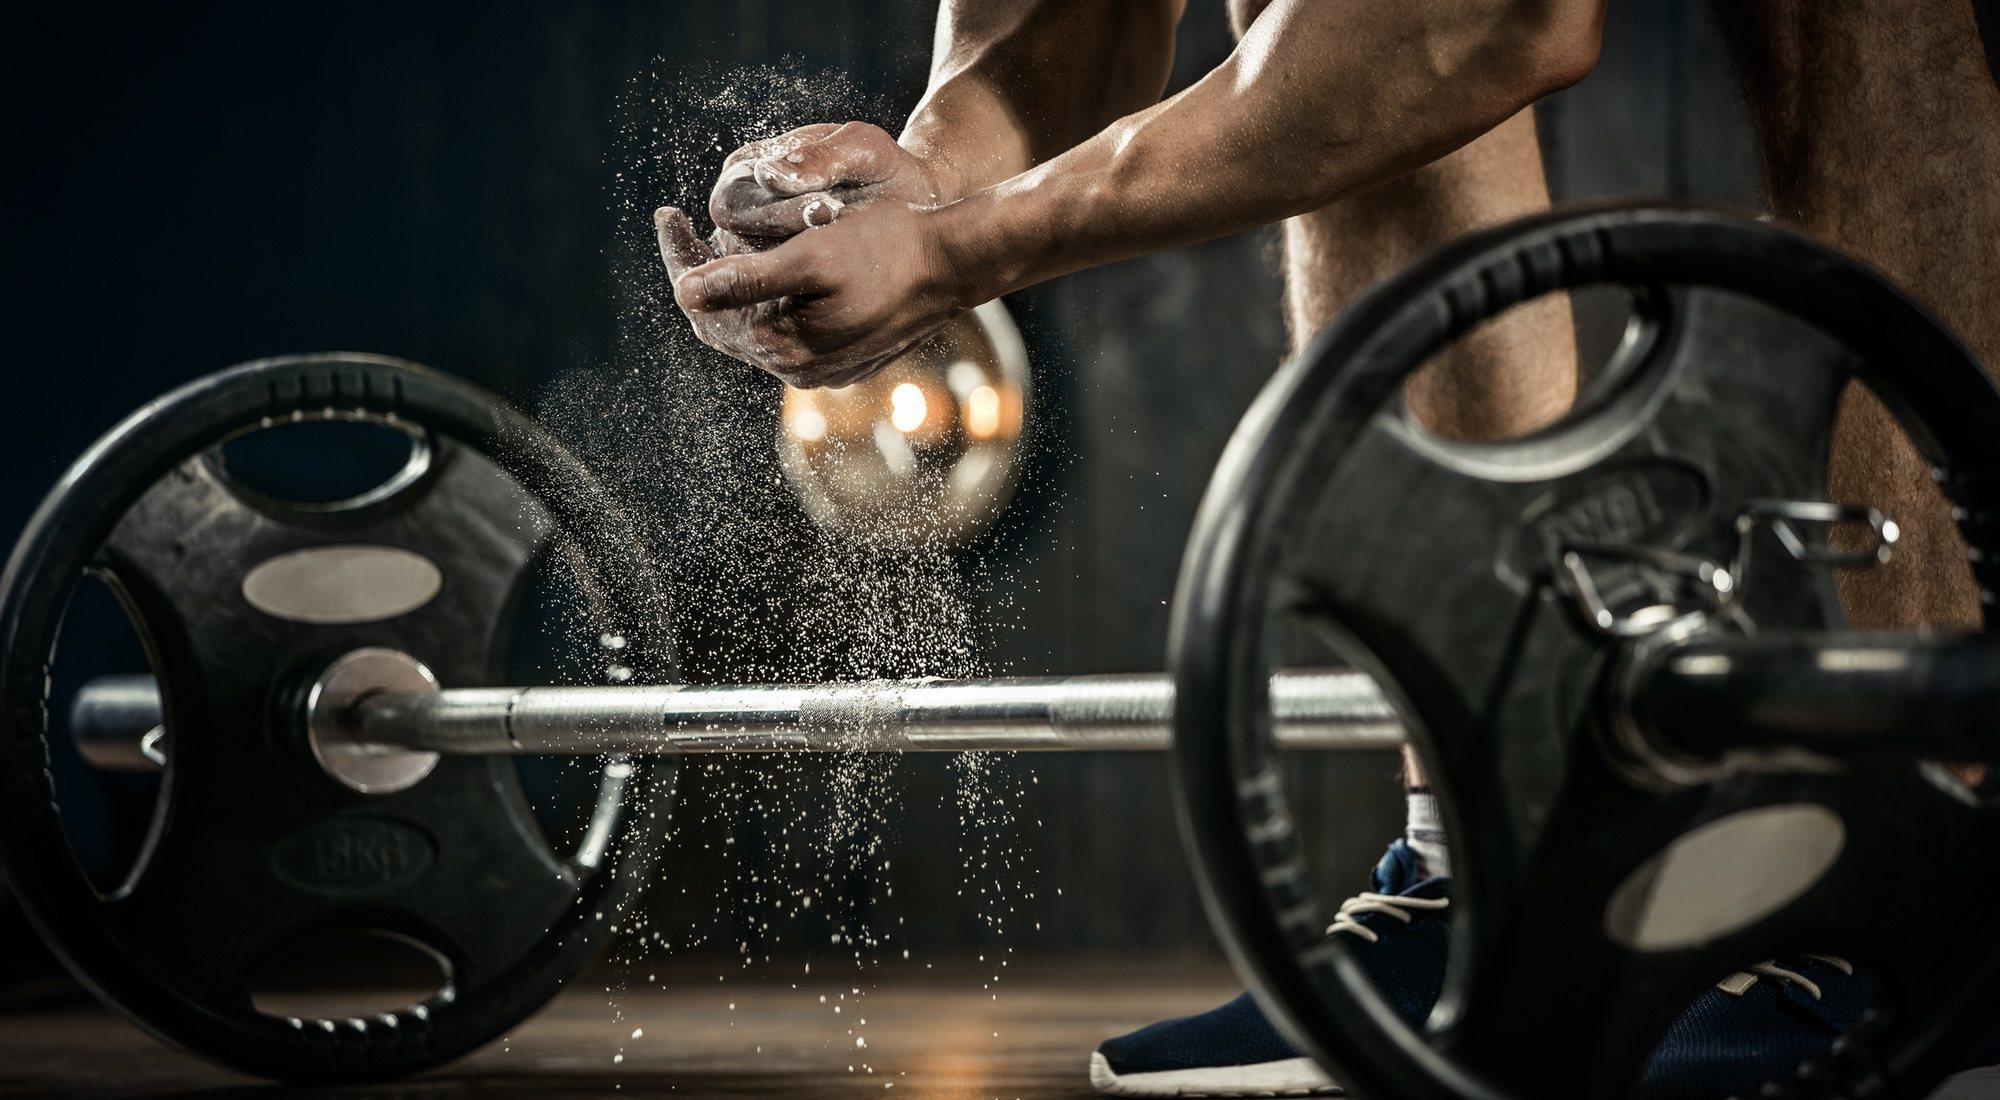 Gimnasio vs CrossFit: el debate que divide al mundo del fitness